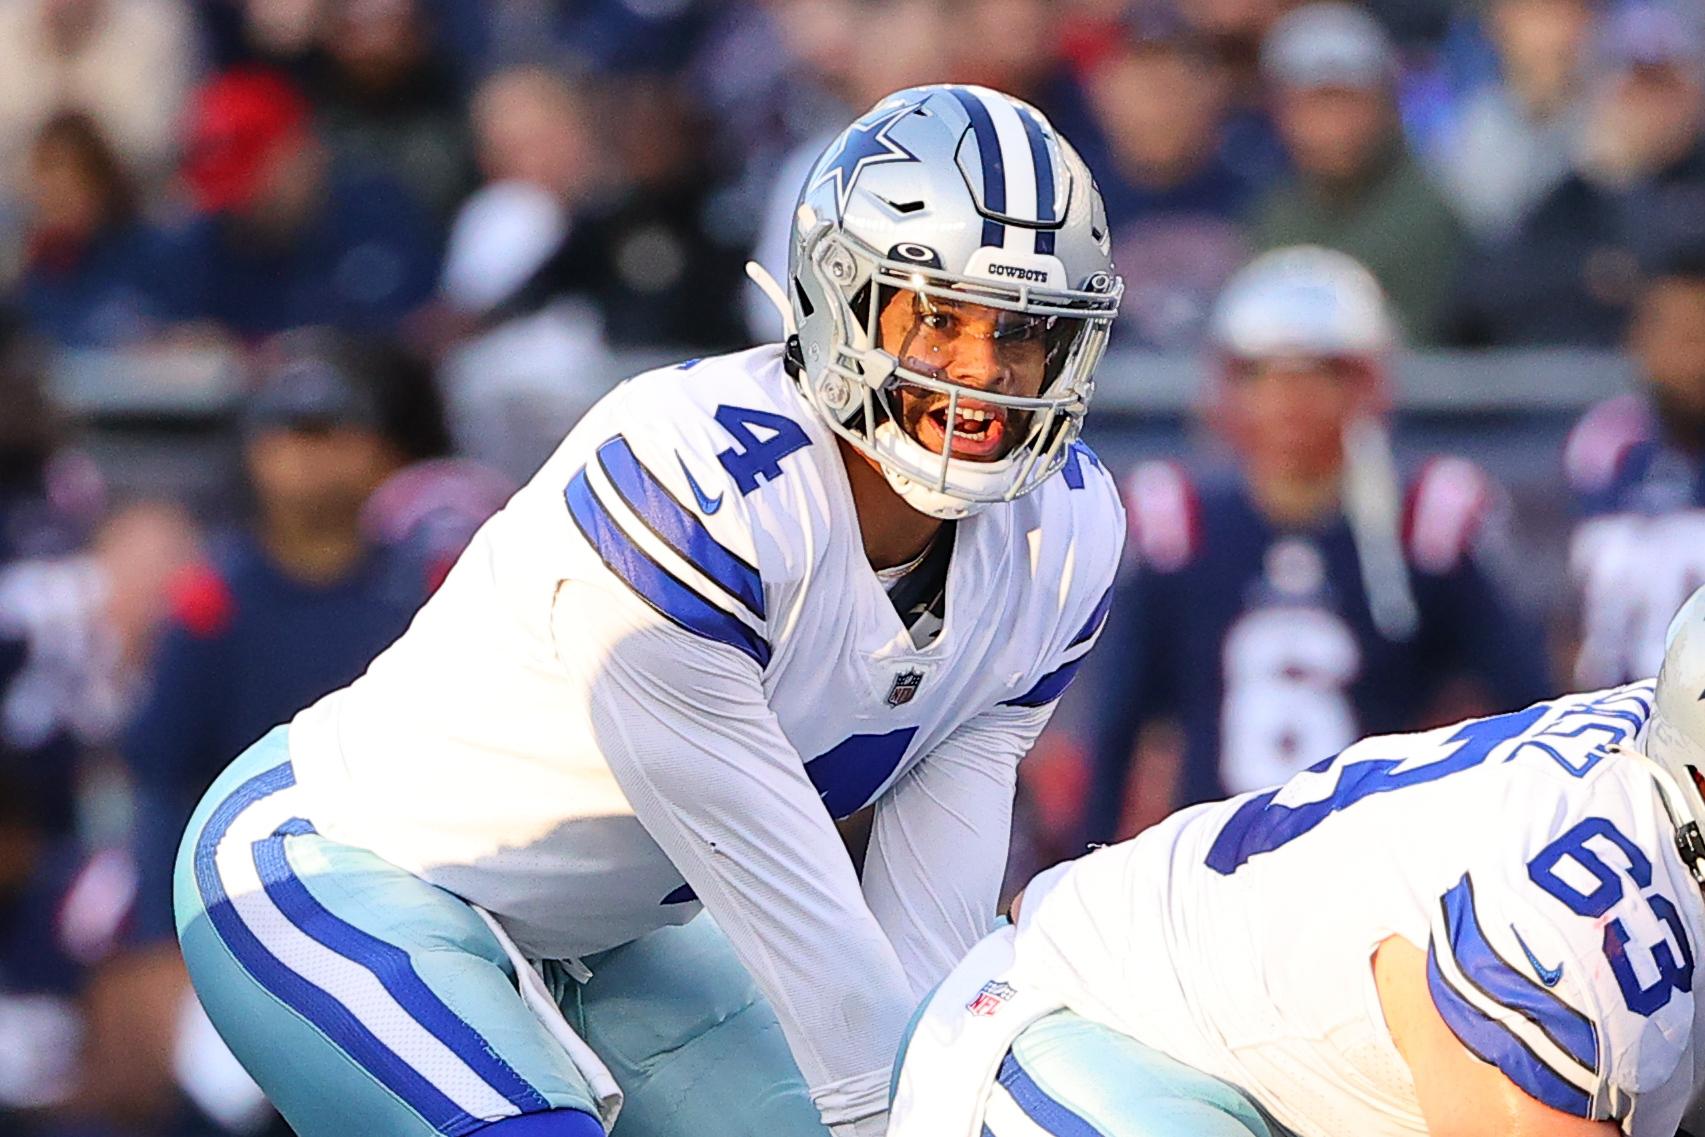 NFL: OCT 17 Cowboys at Patriots